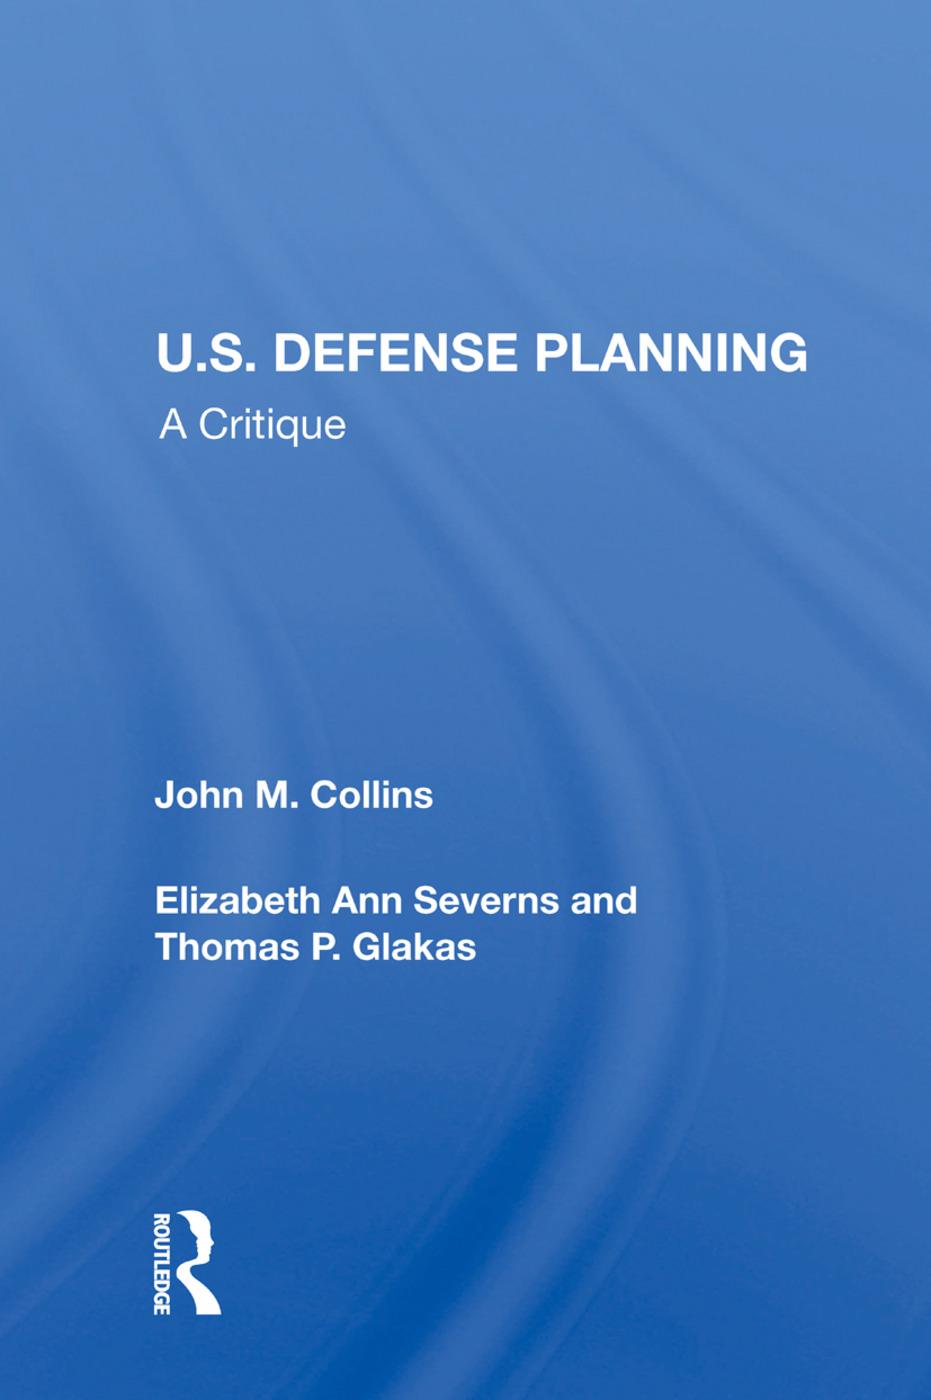 U.S. Defense Planning: A Critique book cover